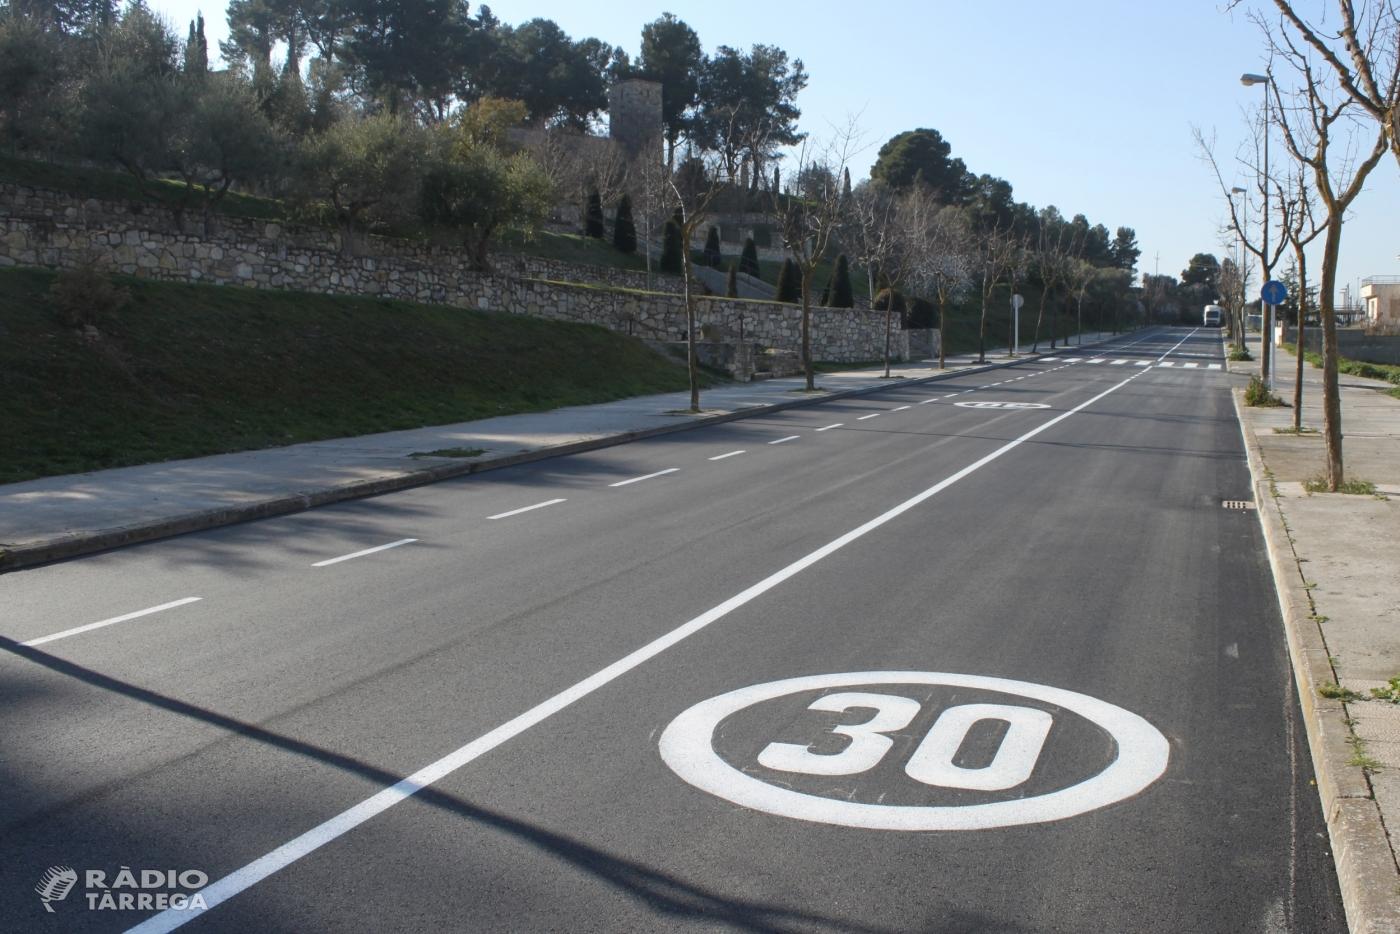 L'Ajuntament de Tàrrega finalitza els treballs de millora del carrer de Les Oliveres, situat a la falda del Parc de Sant Eloi